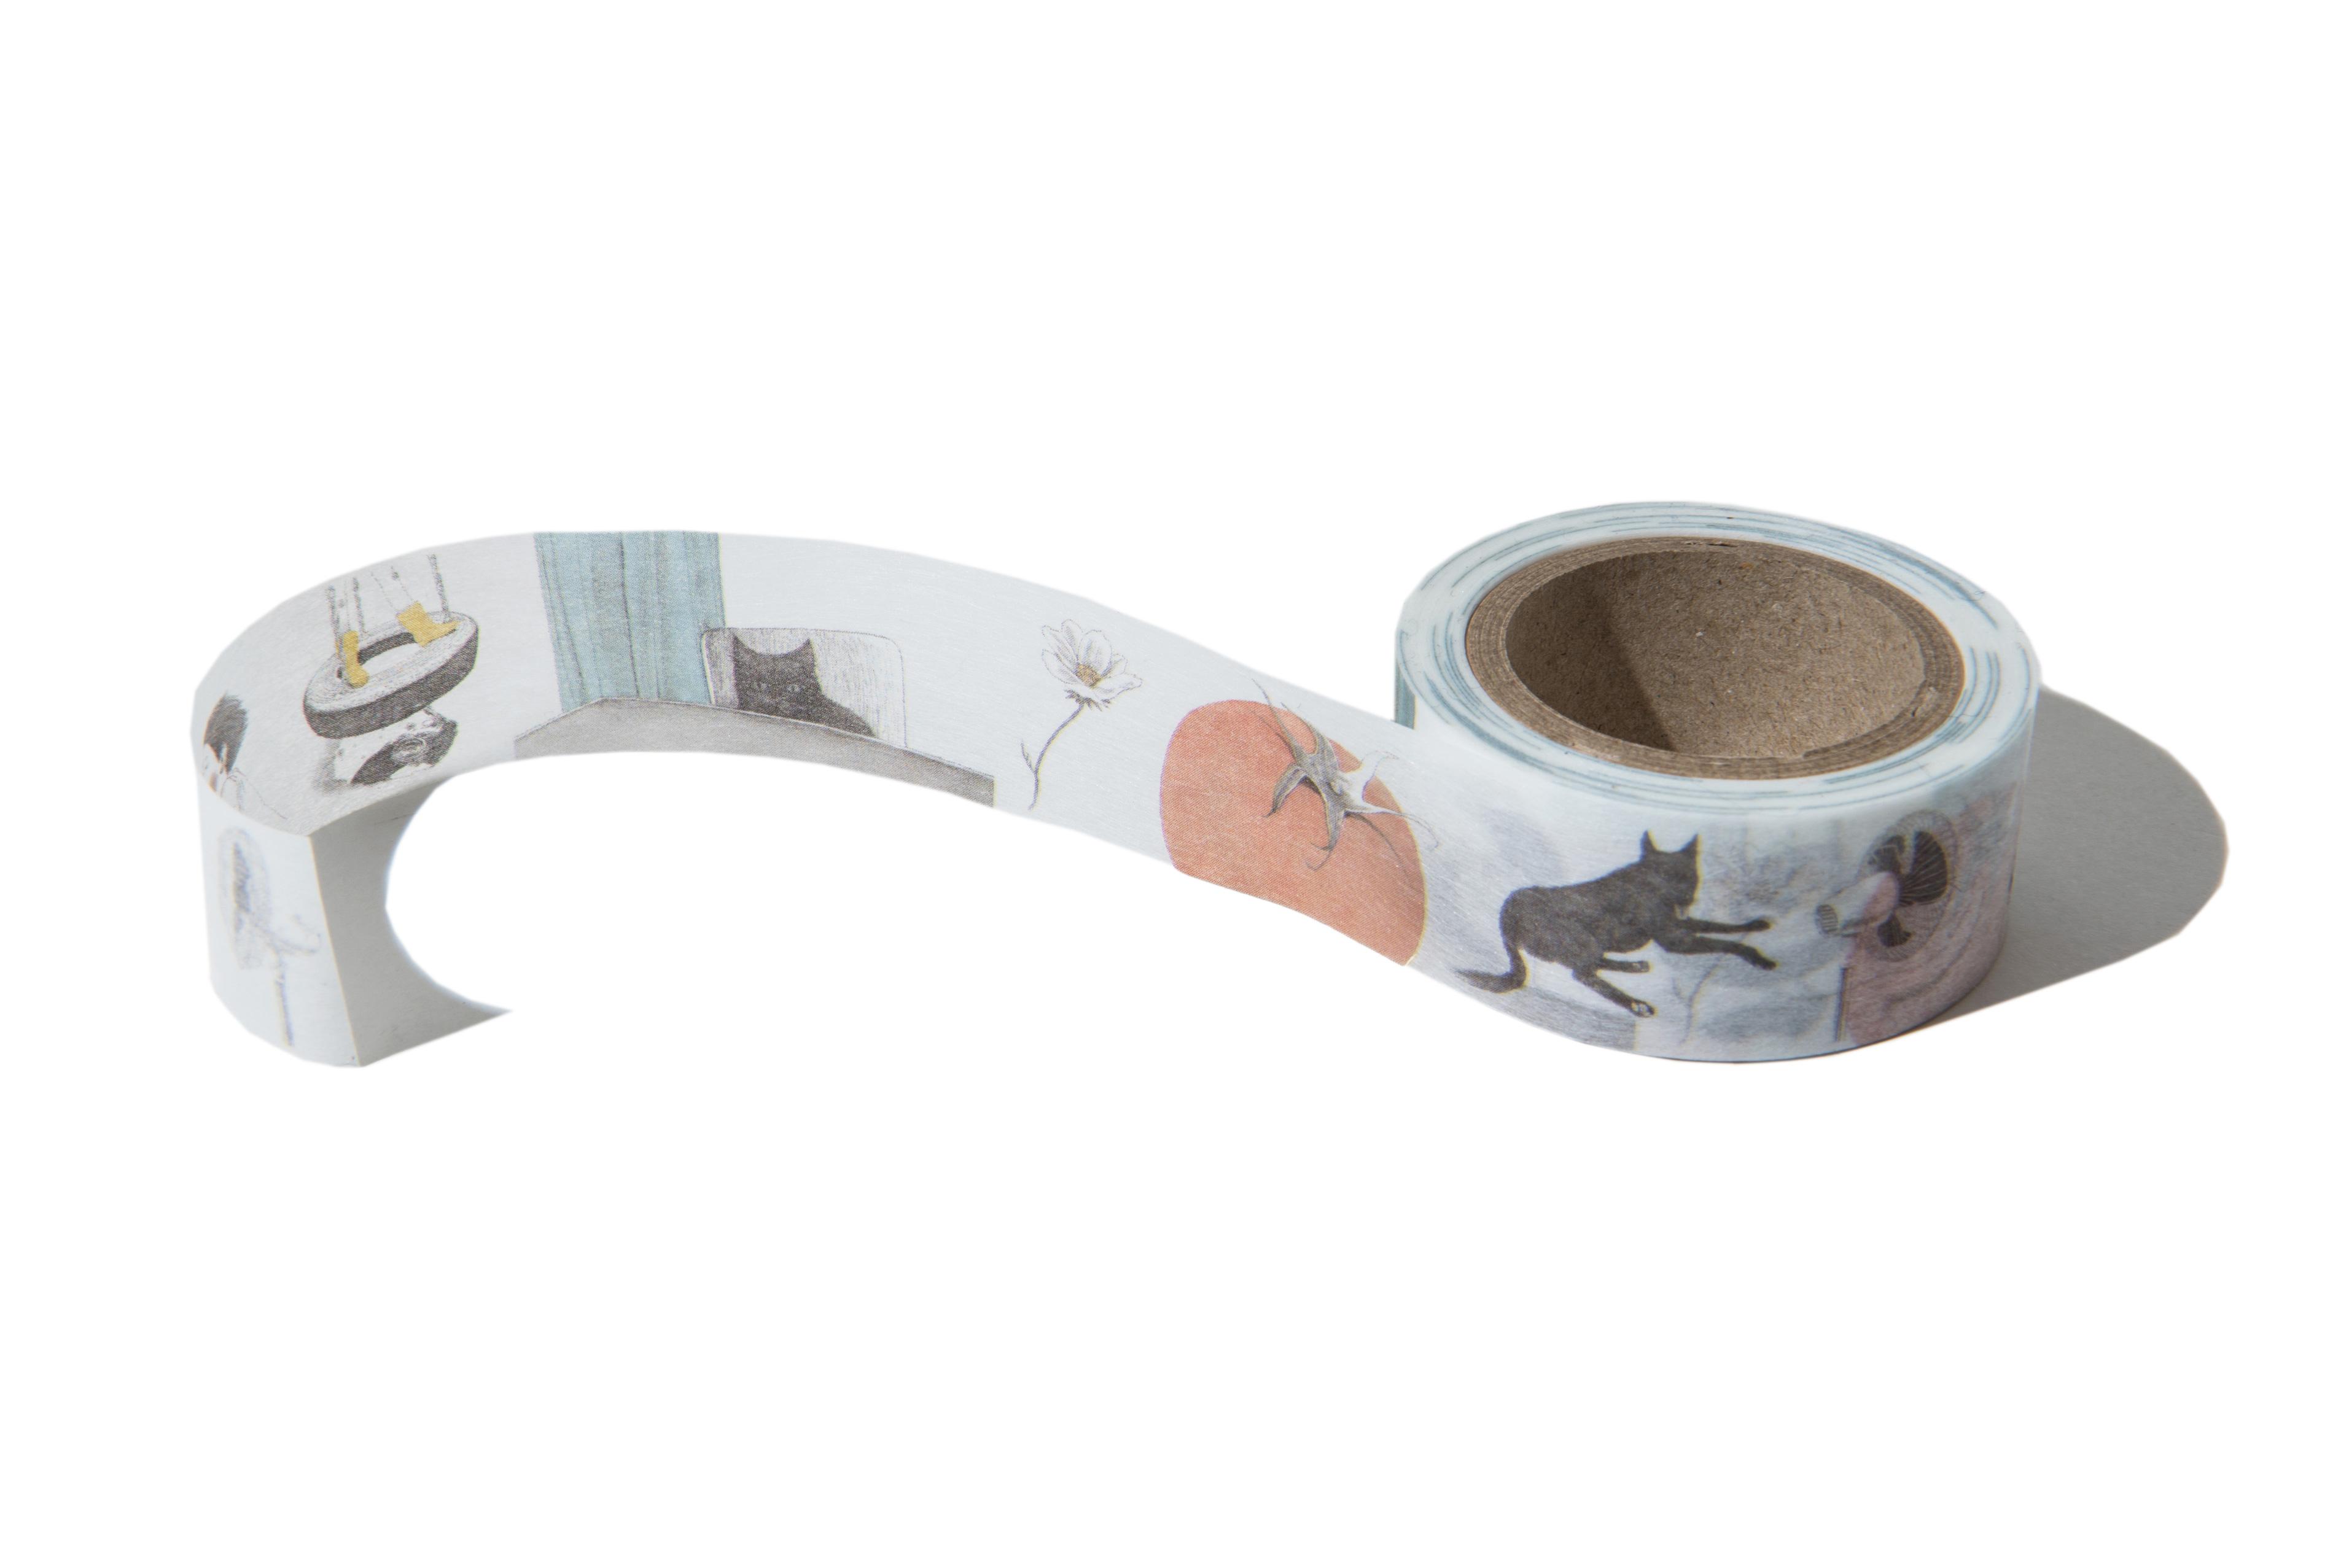 松本大洋『「いる」じゃん』マスキングテープ(2個)